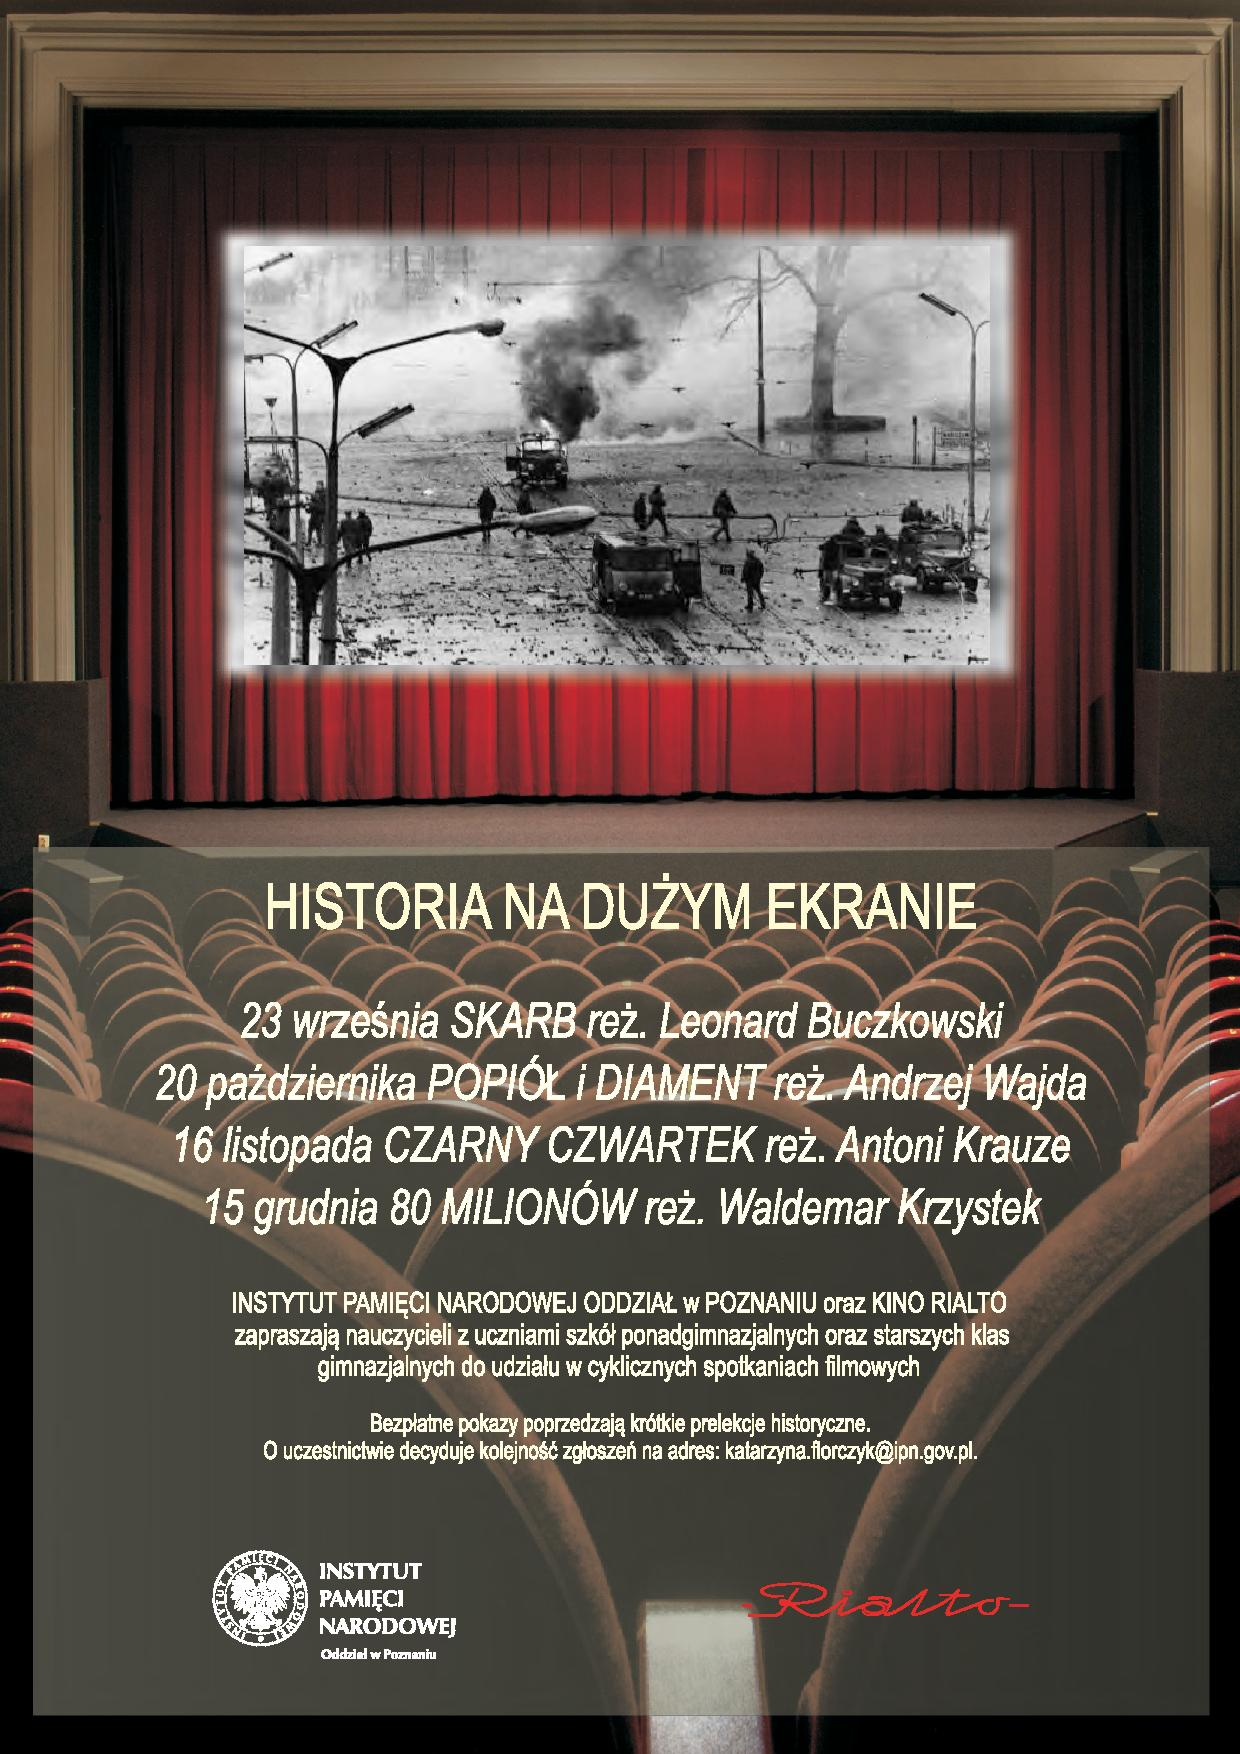 historia-page-001